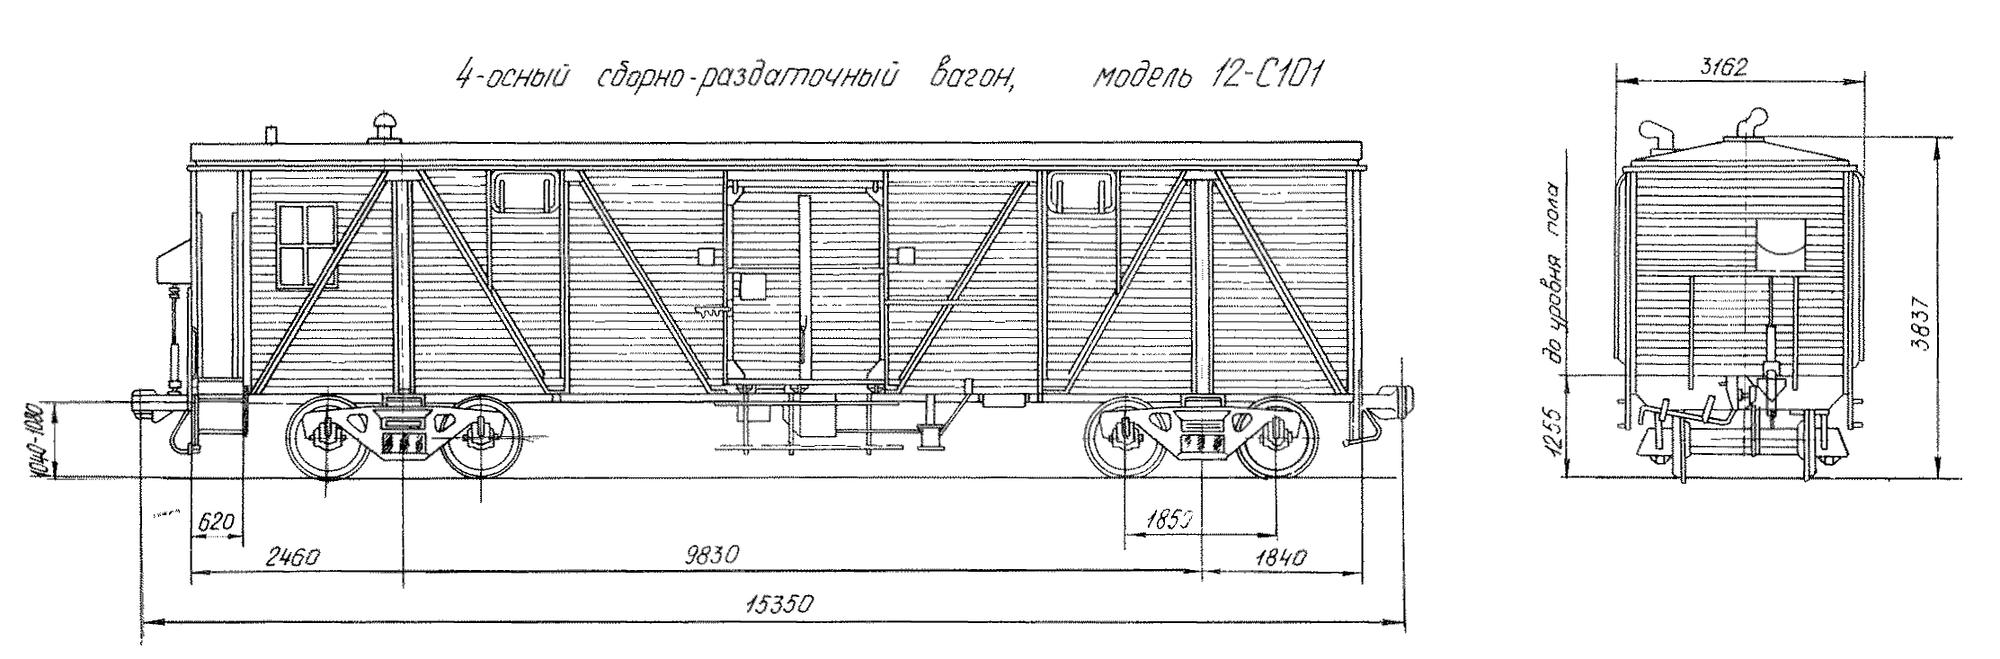 4-осный сборно-раздаточный вагон